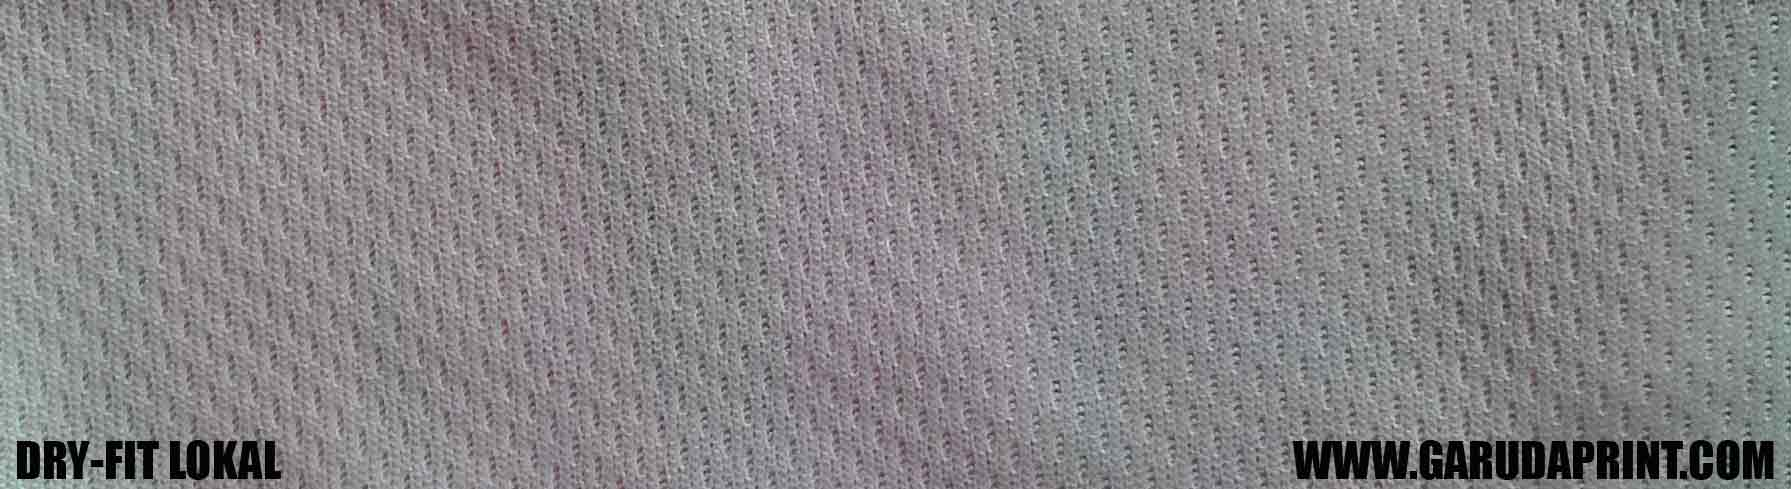 dry-fit-lokal-jasa-pembuatan-jersey-LARI